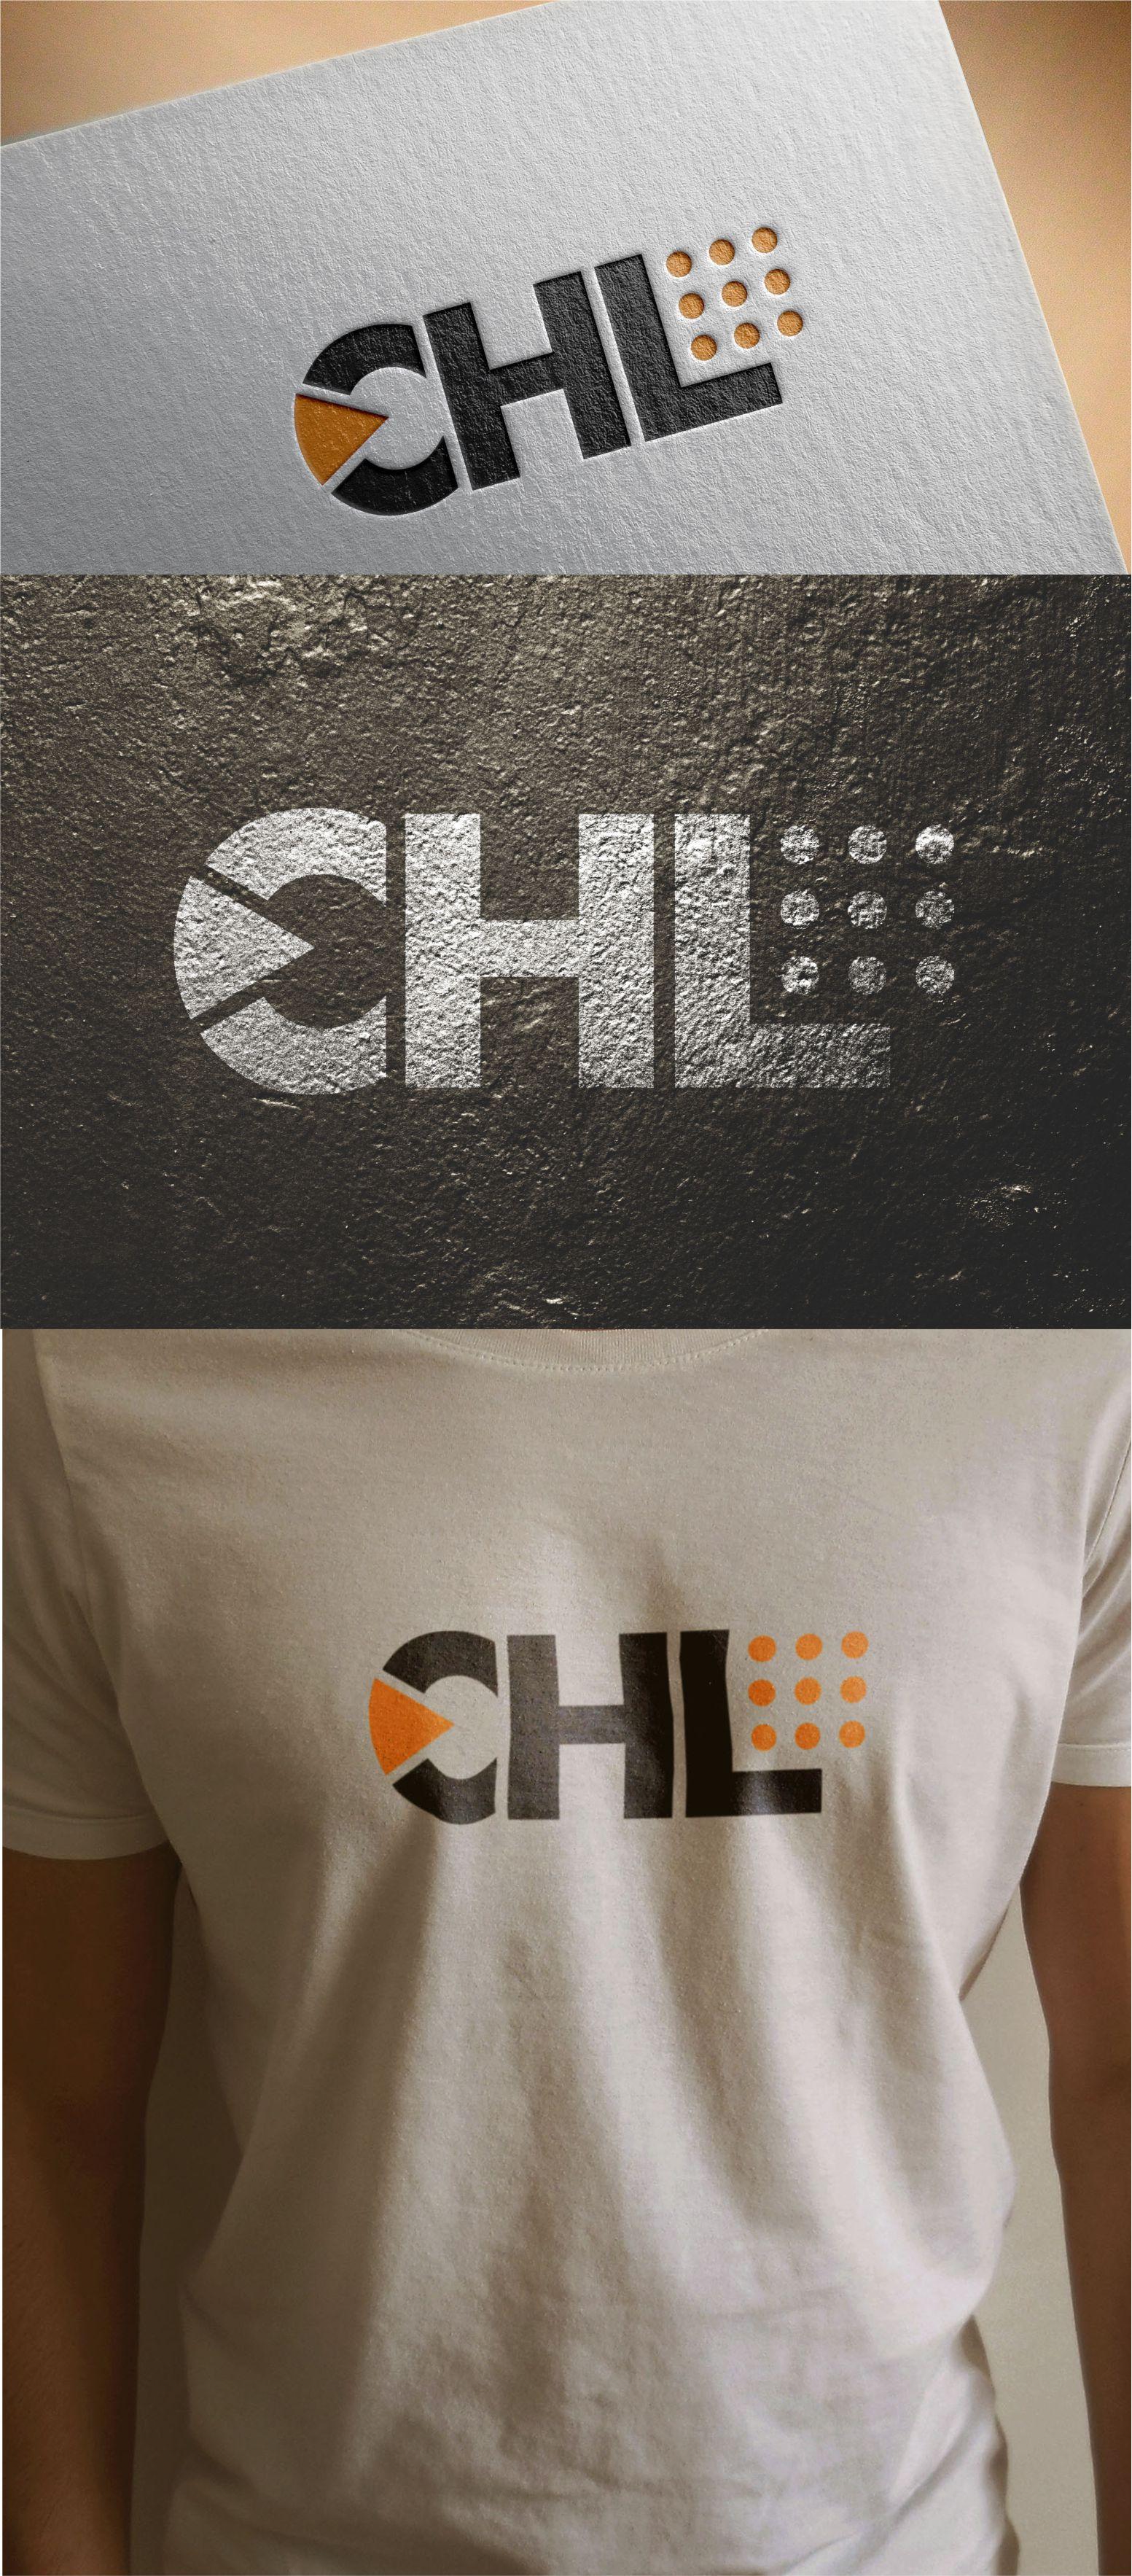 разработка логотипа для производителя фар фото f_9445f5a143f952e0.jpg